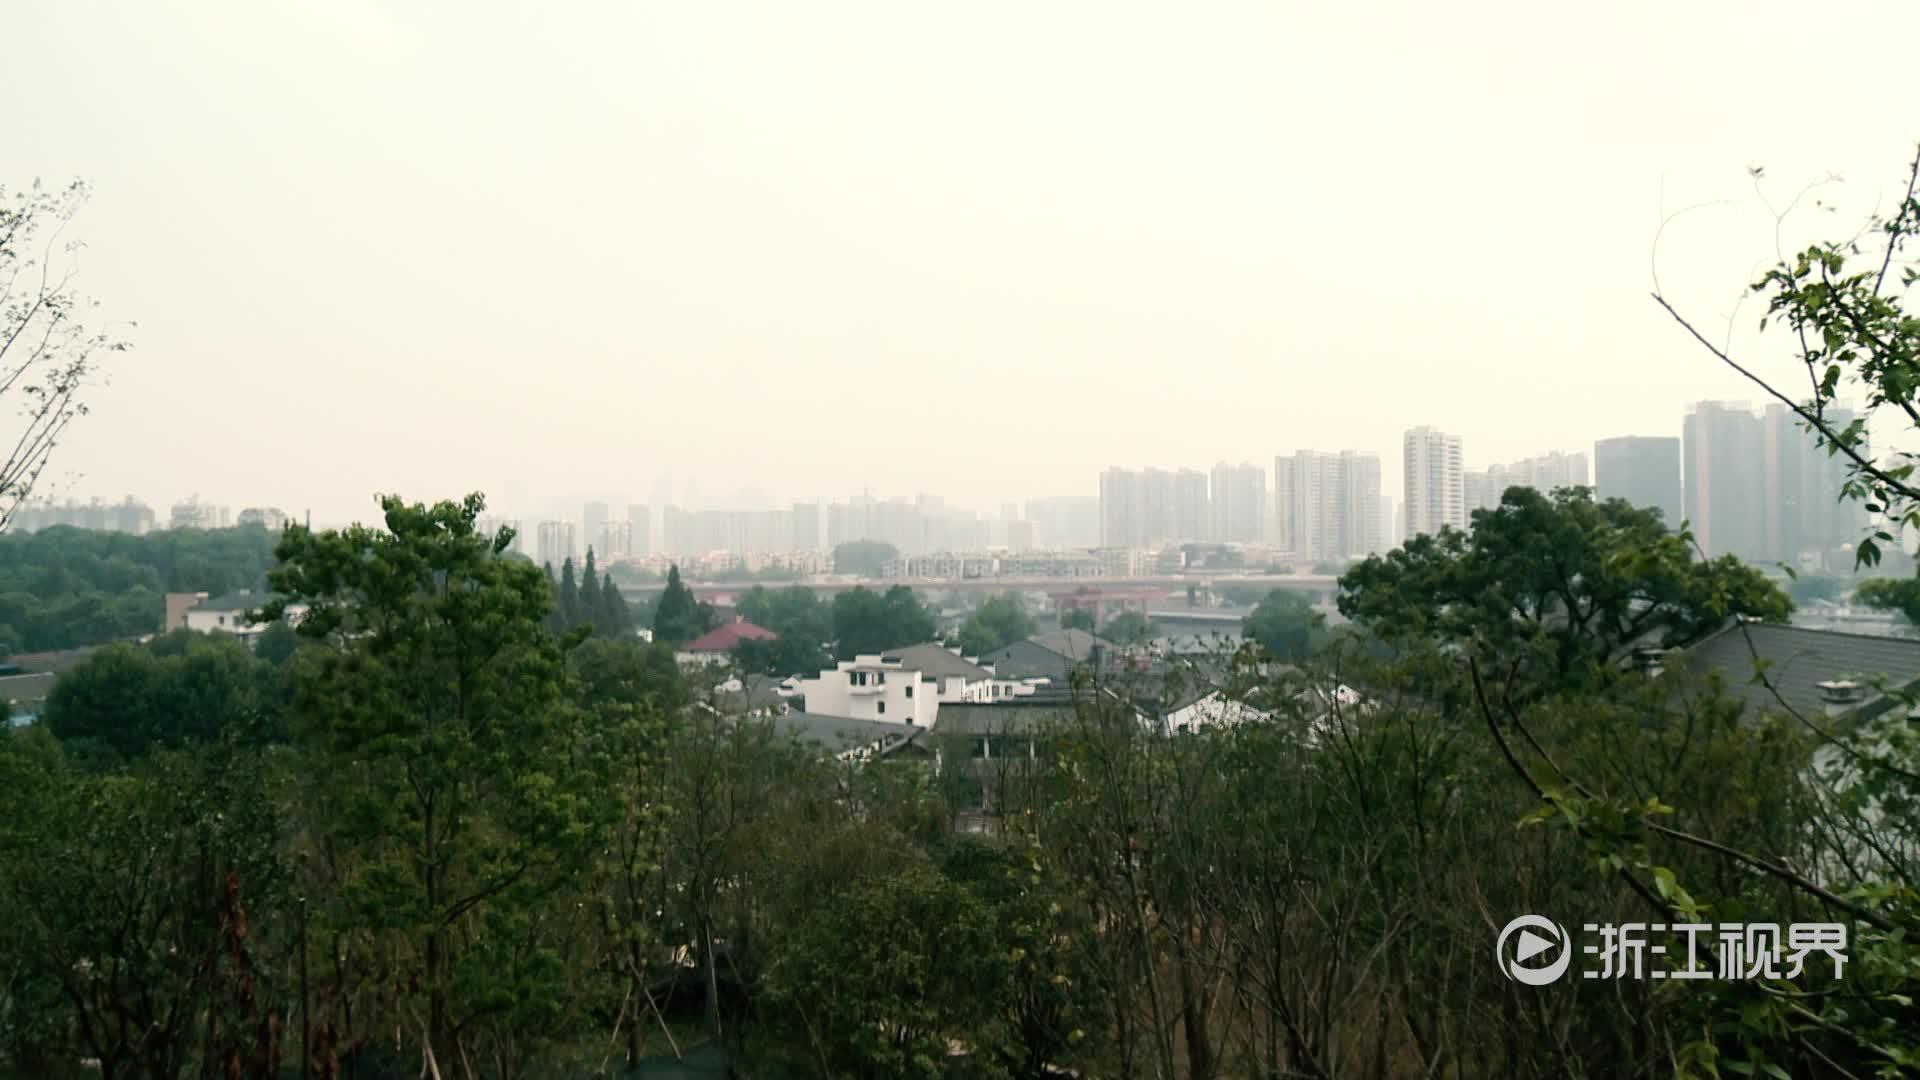 皇城根下老城区的逆袭 馒头山三层立体公园成形